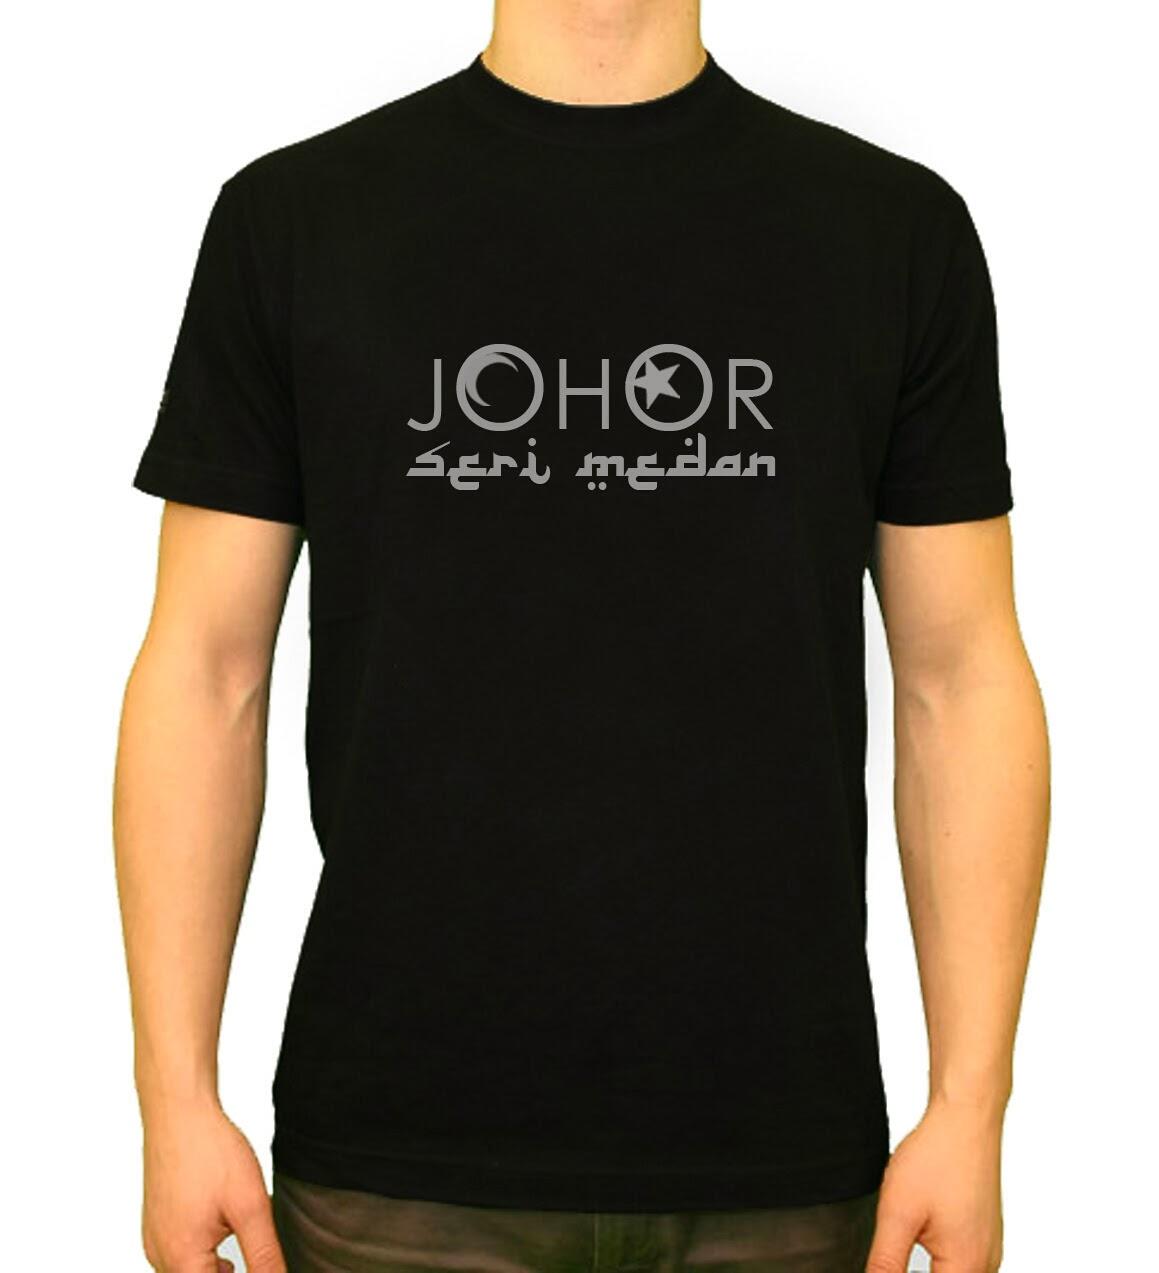 Design t shirt johor - Design T Shirt Johor T Shirt Johor Seri Medan